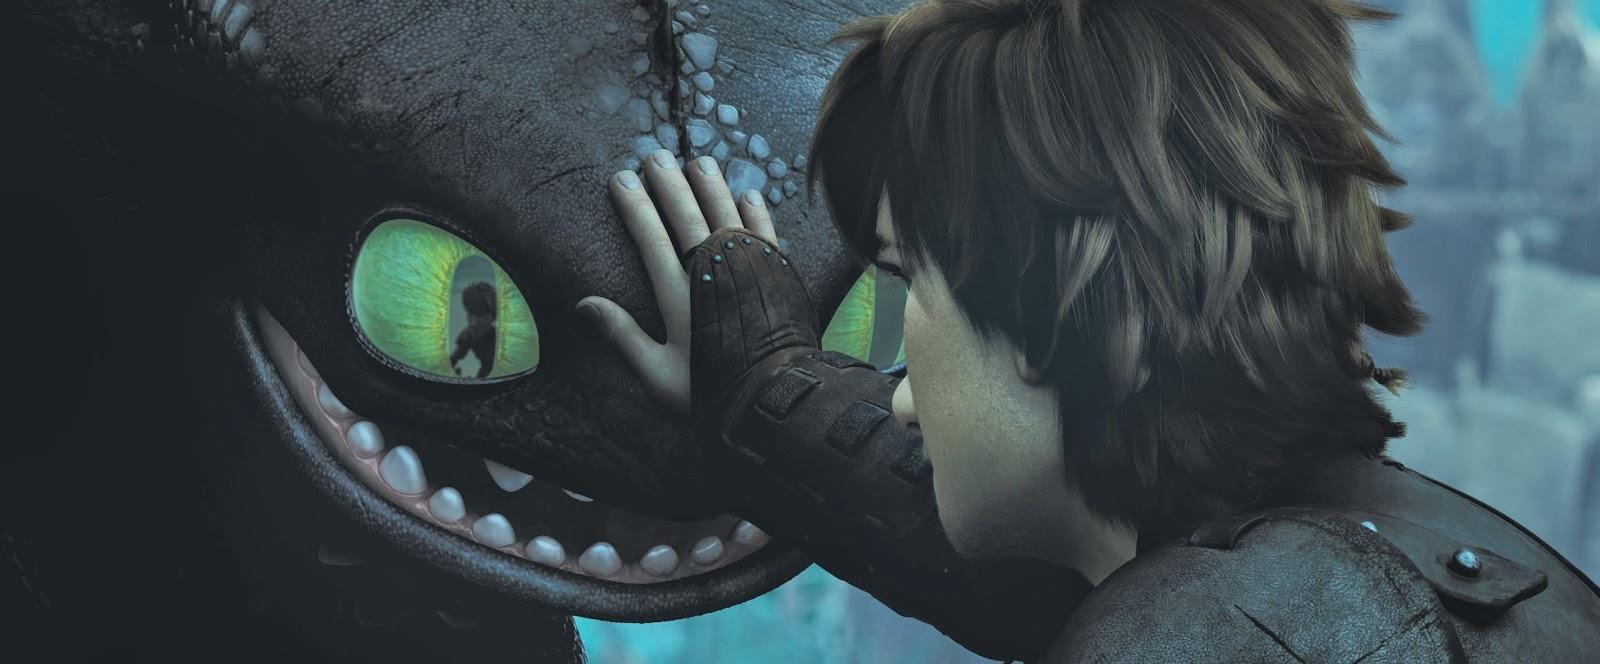 wallpaper dragon jackals waiting - photo #34